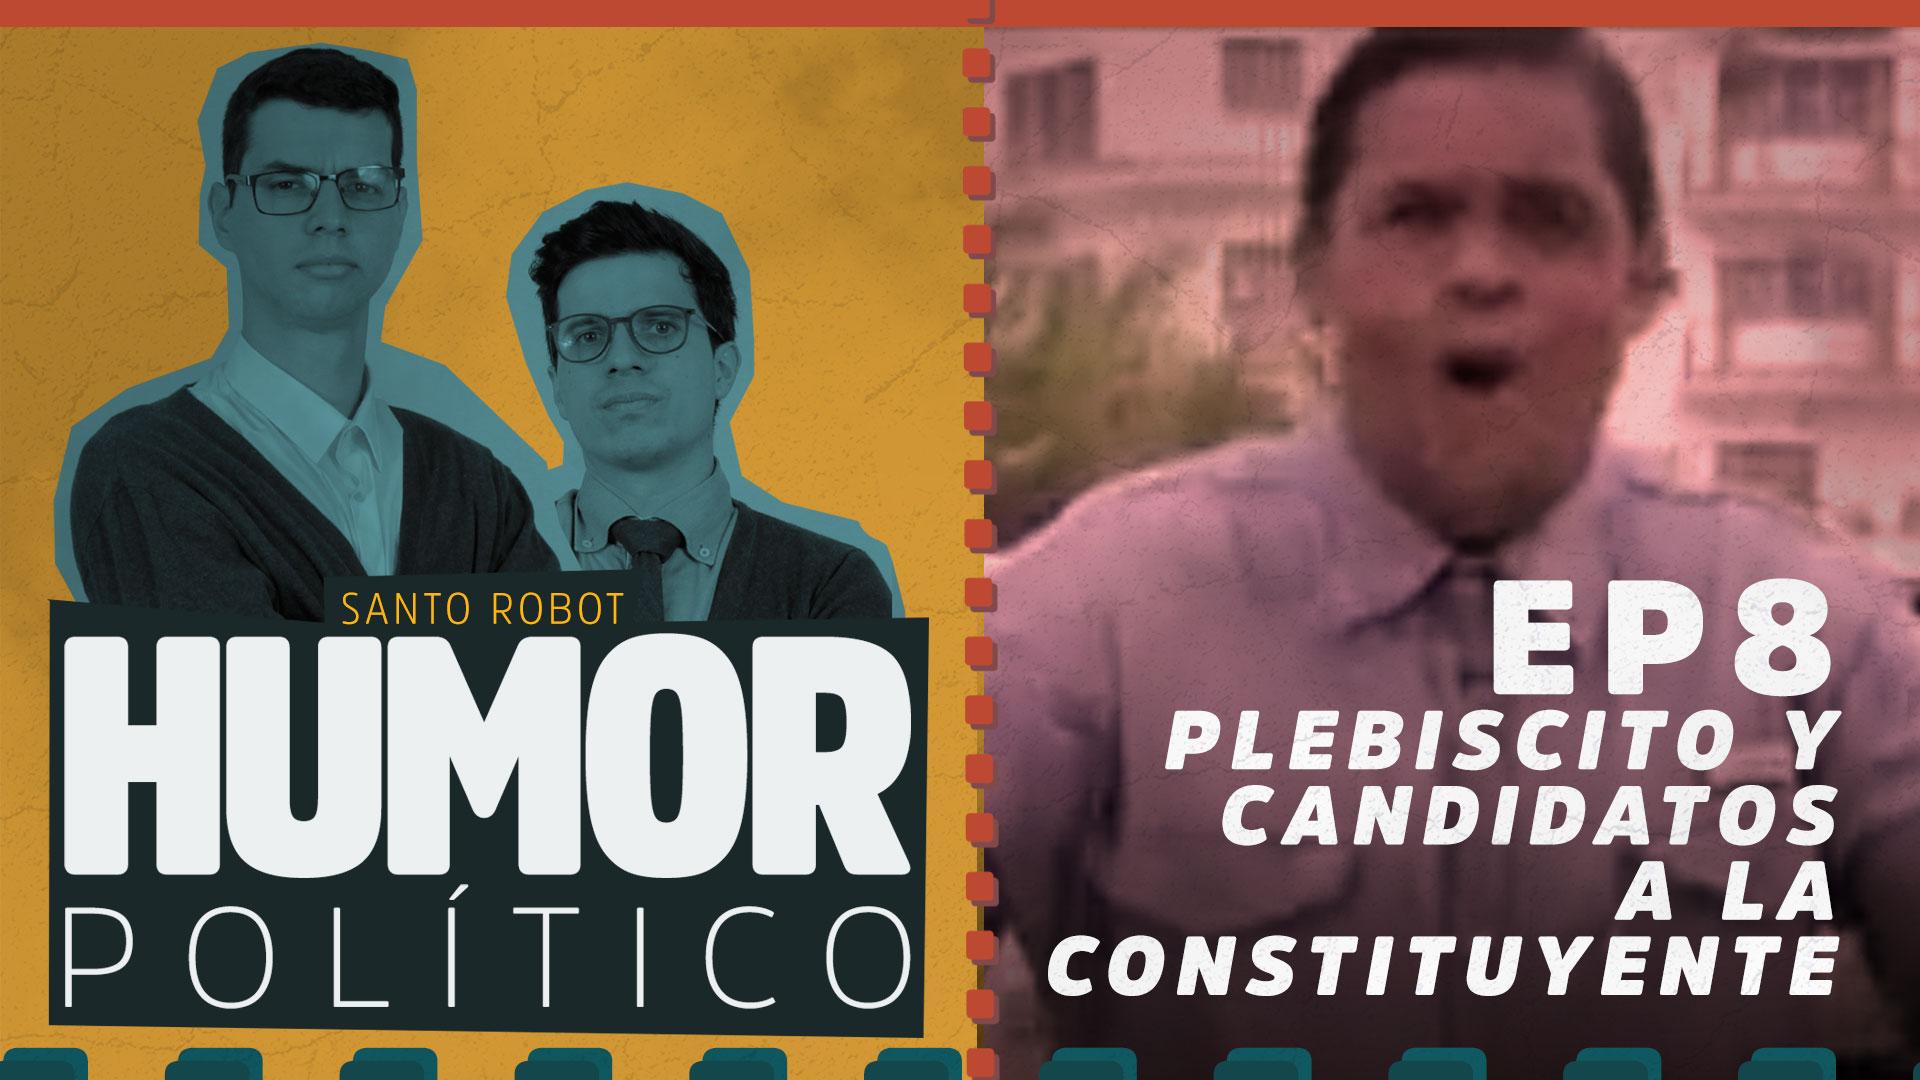 Candidatos a la Constituyente - Humor Político